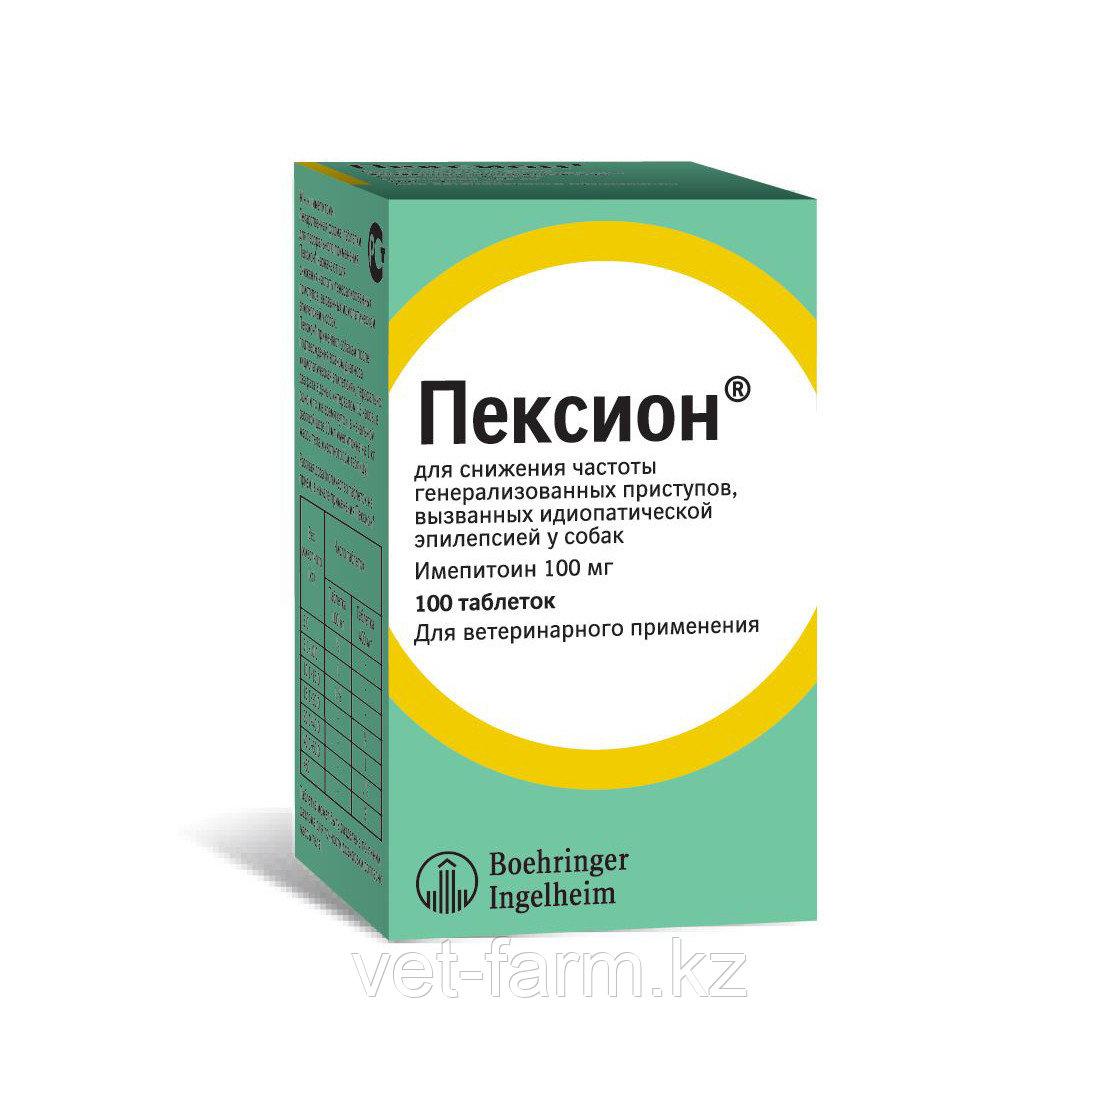 Пексион (Имепитоин 400 мг) 100 таб